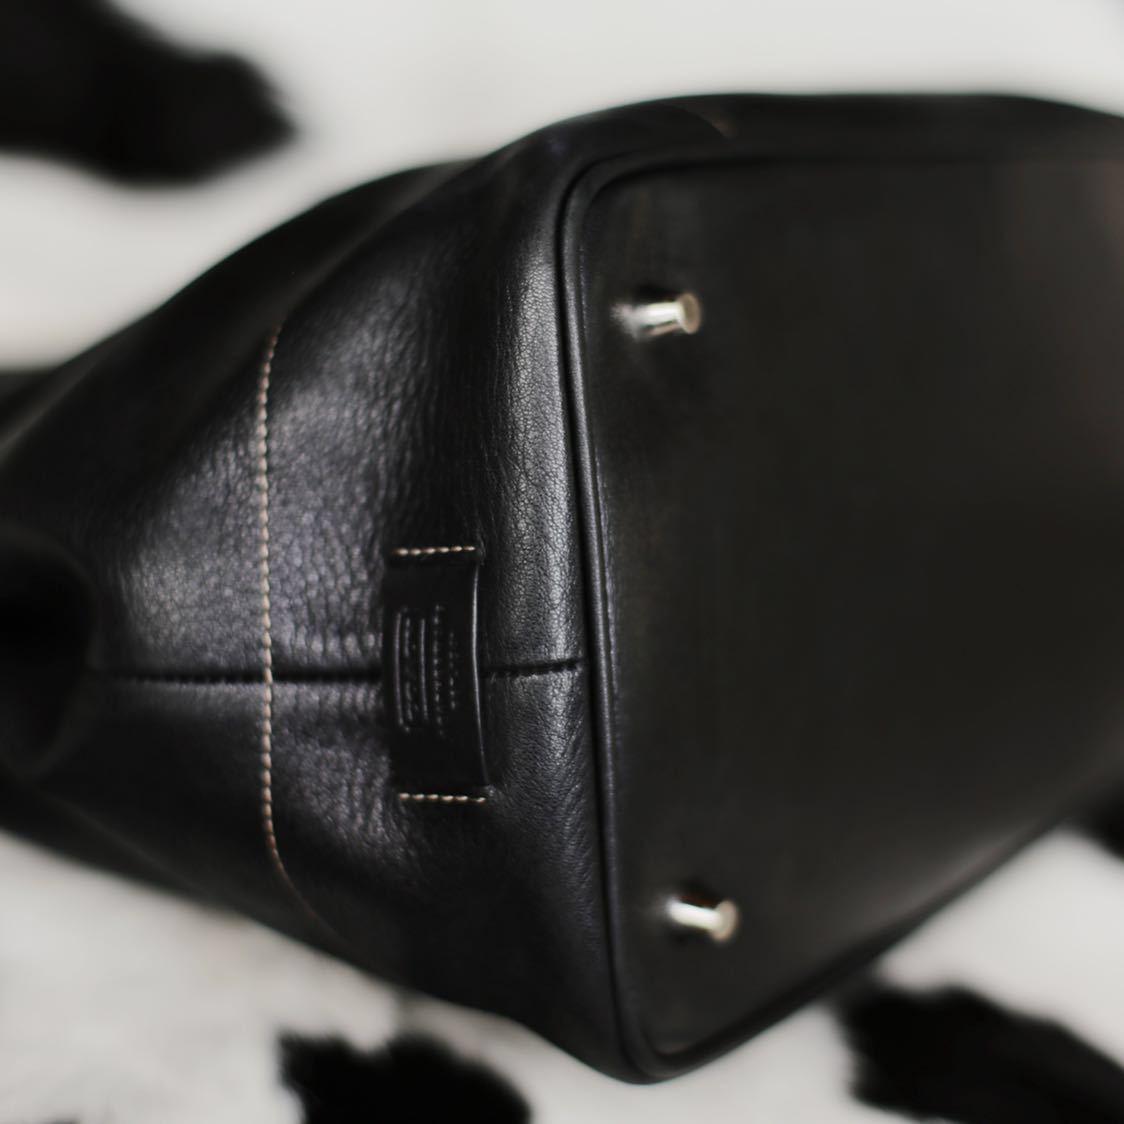 極美品 美品 コーチ COACH トートバッグ バッグ ビジネスバッグ 黒 ブラック レザー メンズバッグ 牛革 17万 オールドコーチ ヴィンテージ_画像5